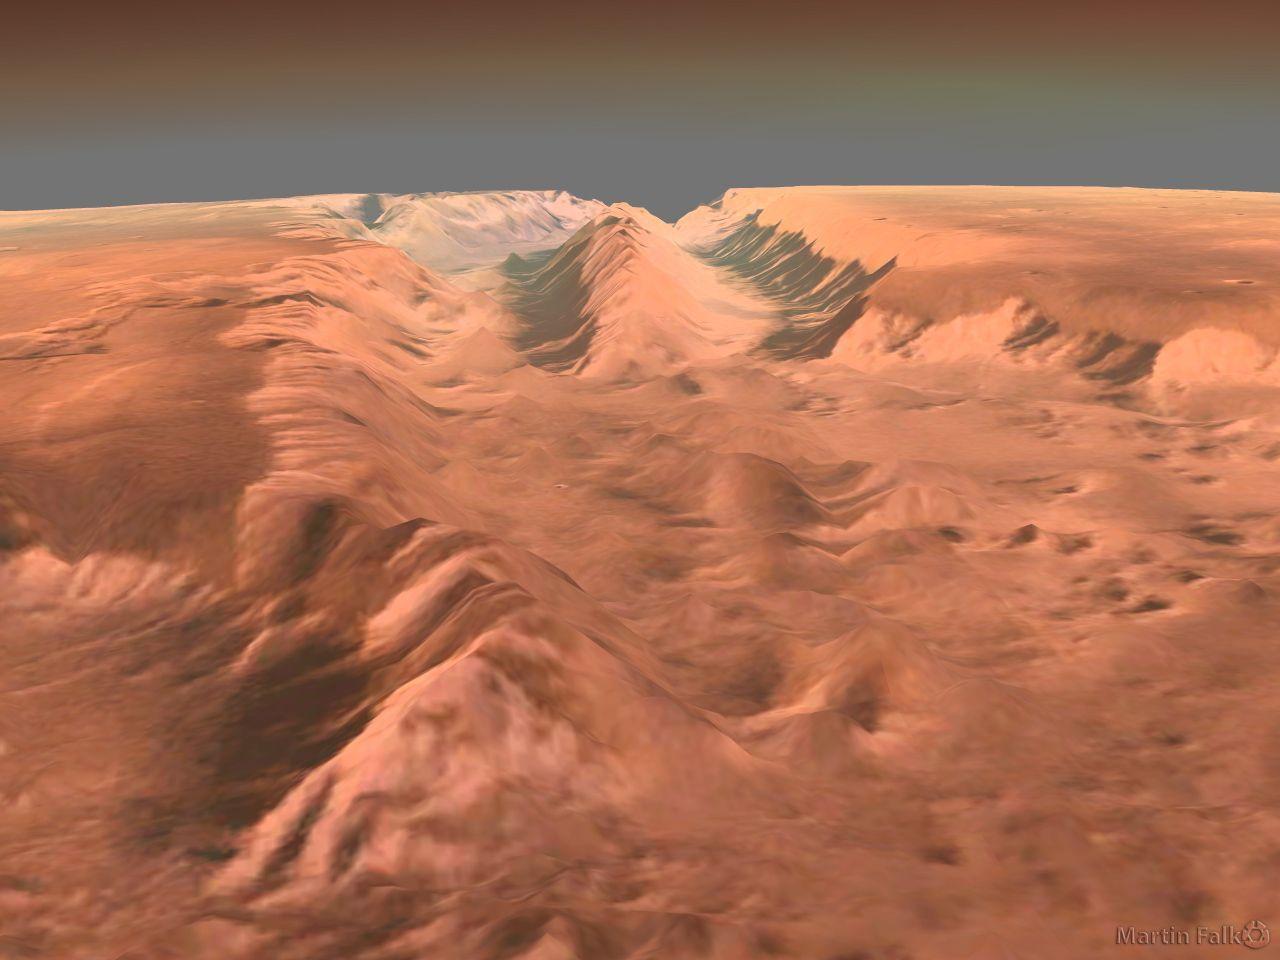 mars vallesMarineris